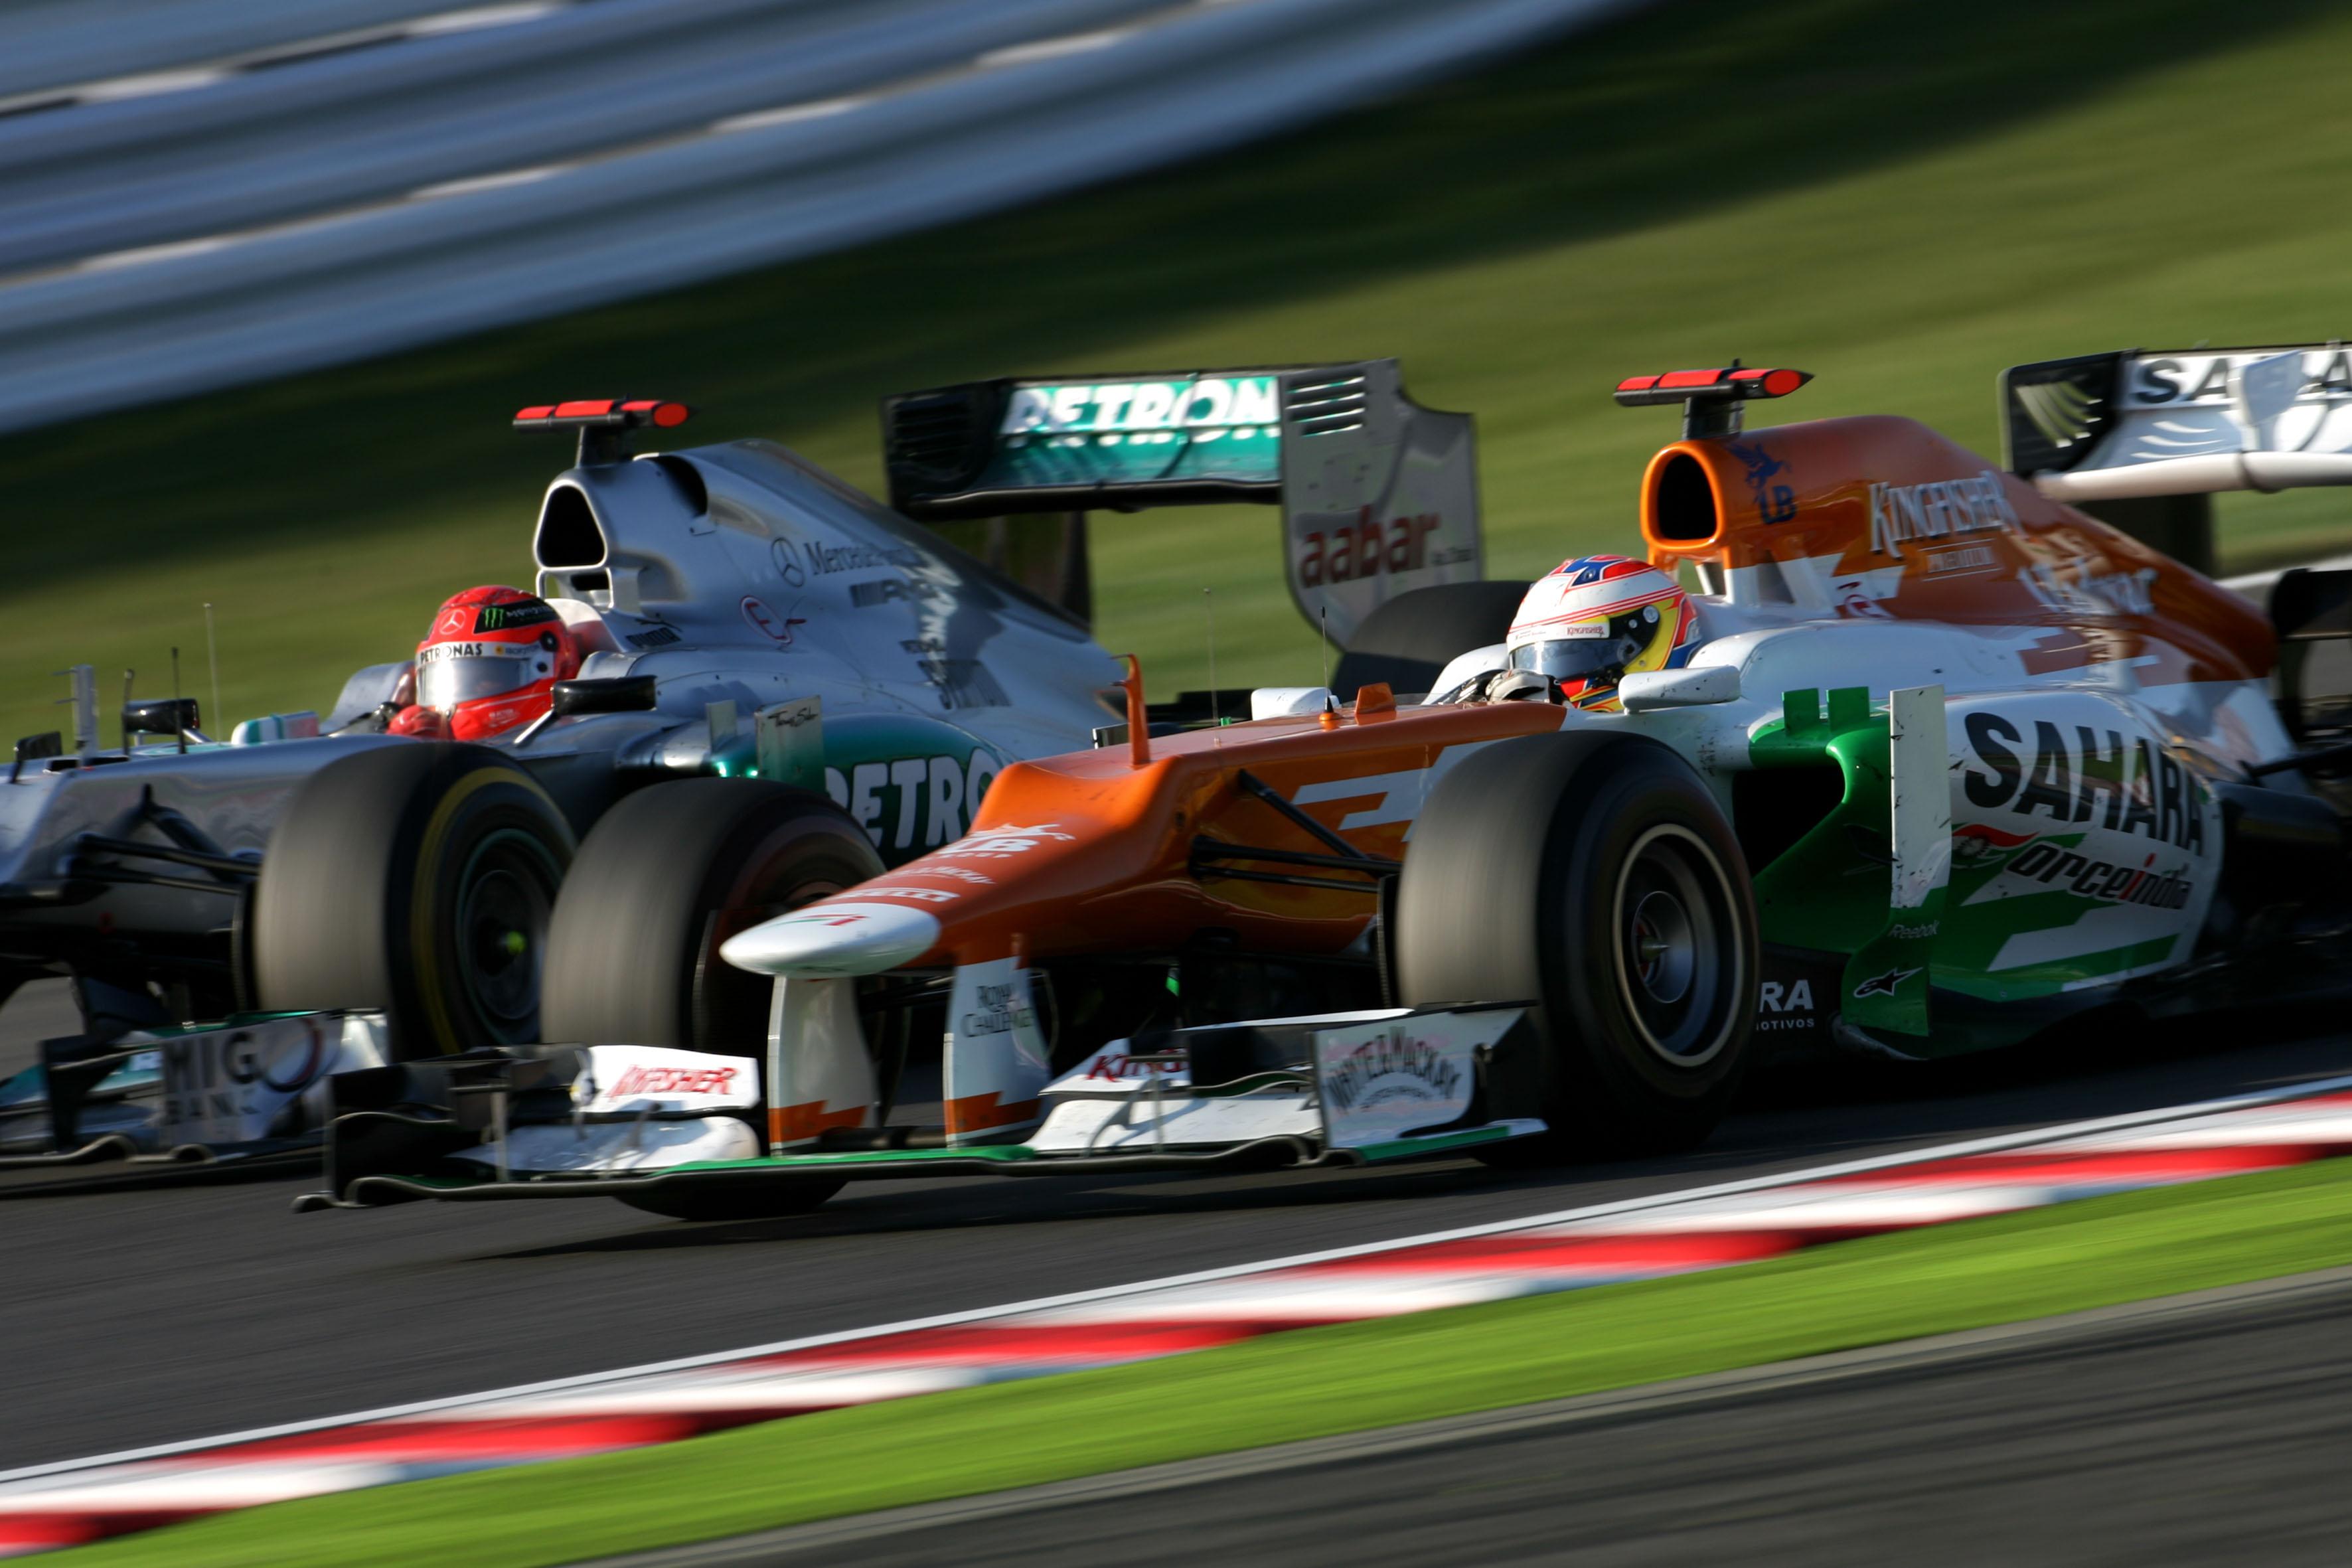 Michael Schumacher Mercedes Paul di Resta Force India Japanese Grand Prix 2012 Suzuka